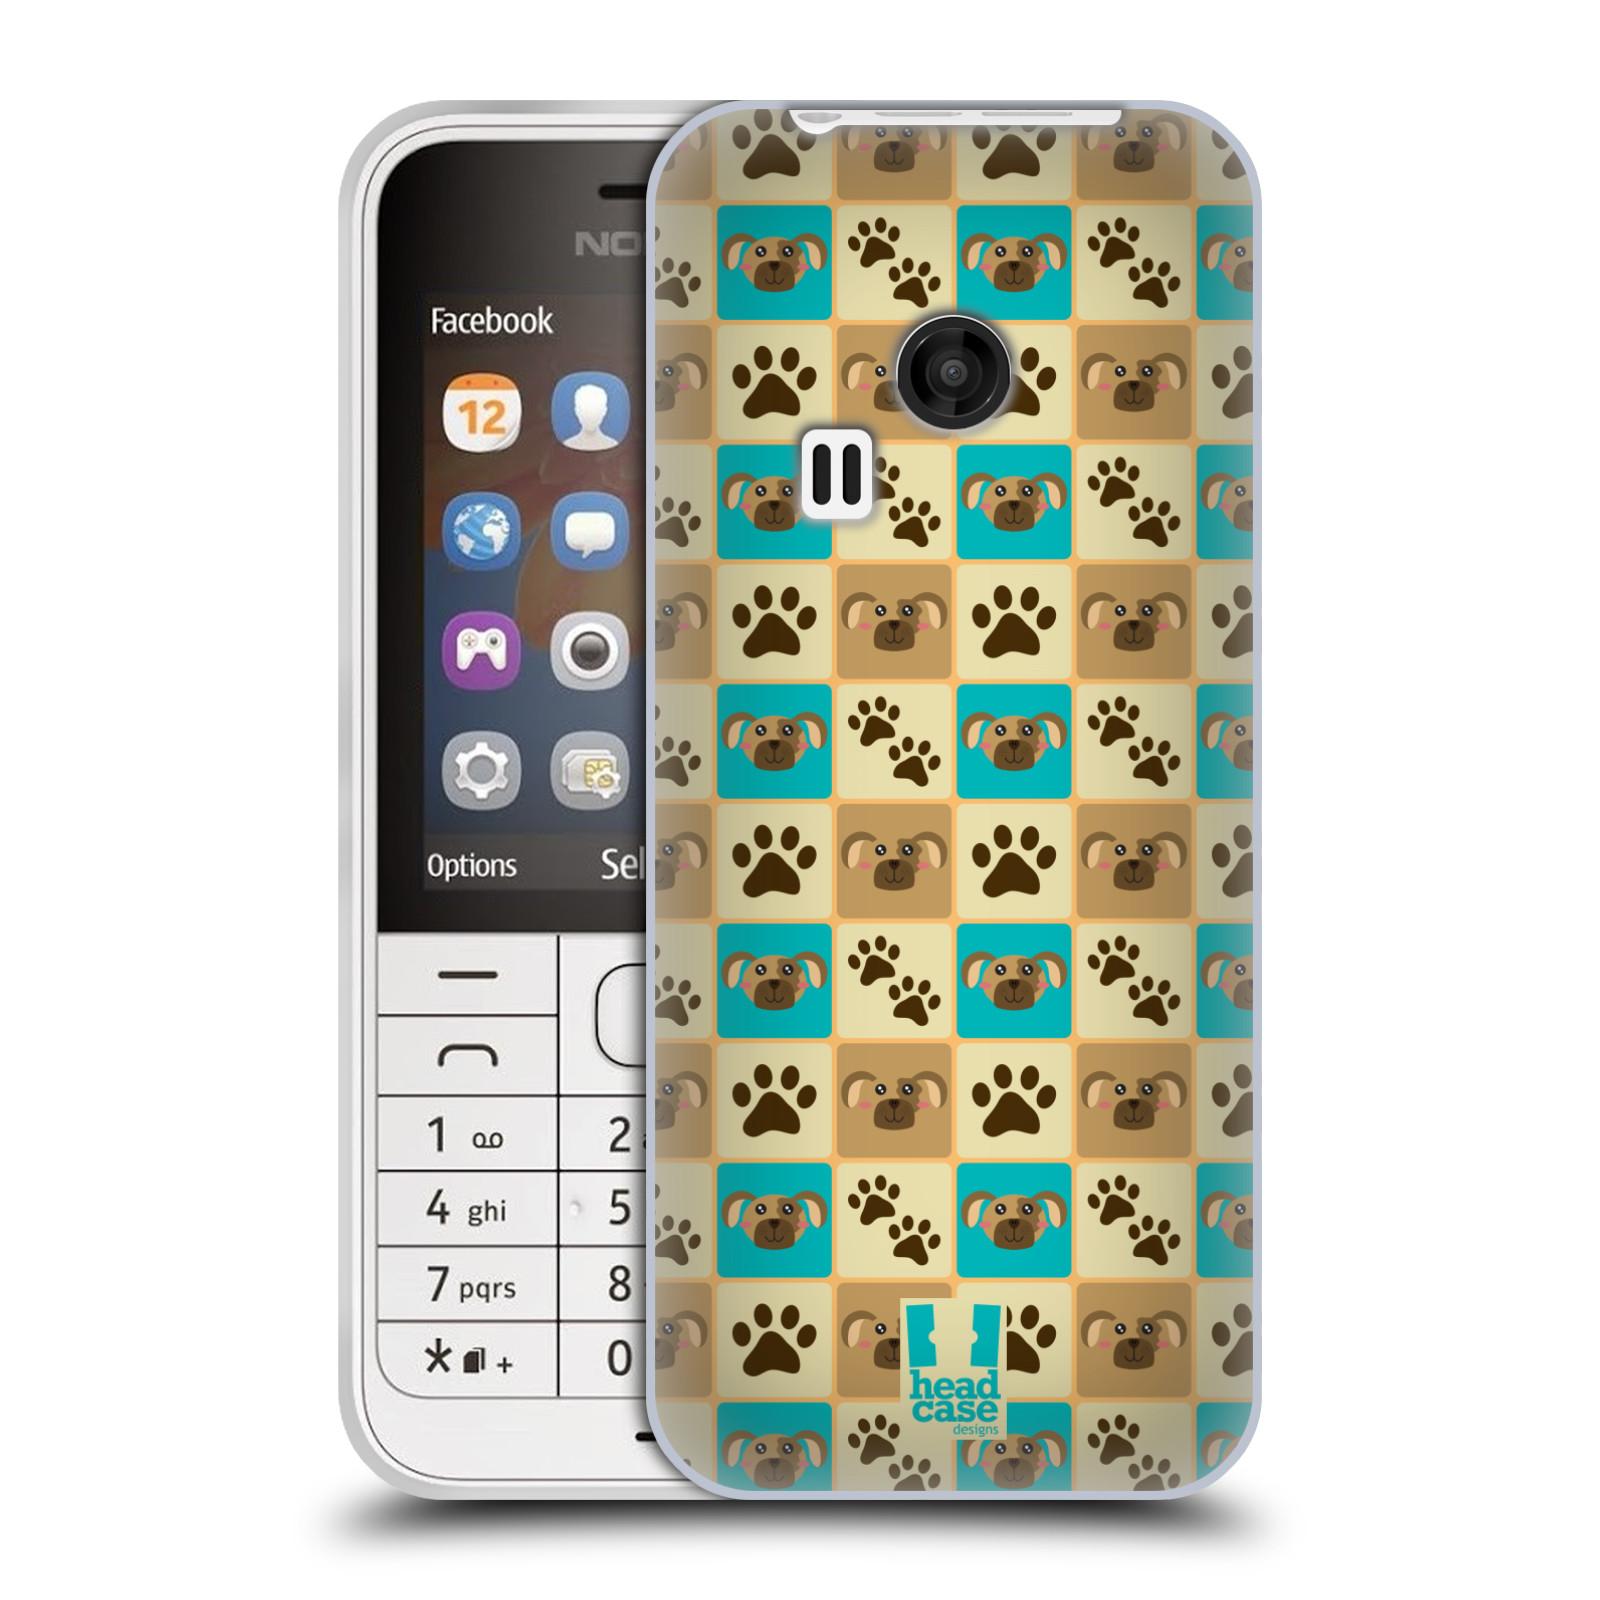 HEAD CASE silikonový obal na mobil NOKIA 220 / NOKIA 220 DUAL SIM vzor Zvířecí razítka PSÍ TLAPKA